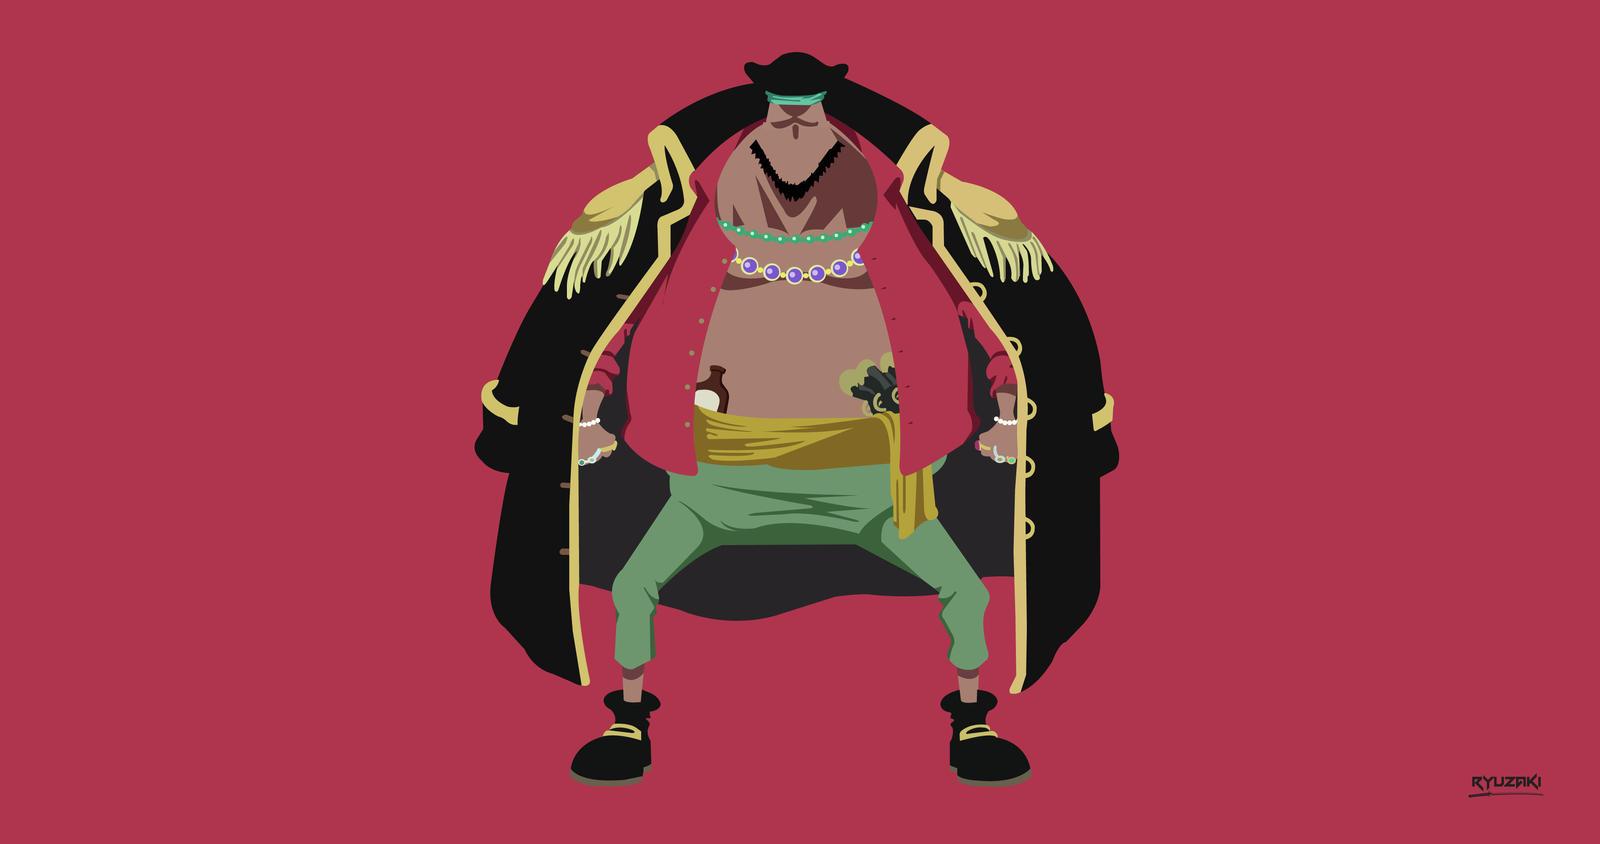 Wallpaper One Piece Blackbeard - Anime Wallpaper HD